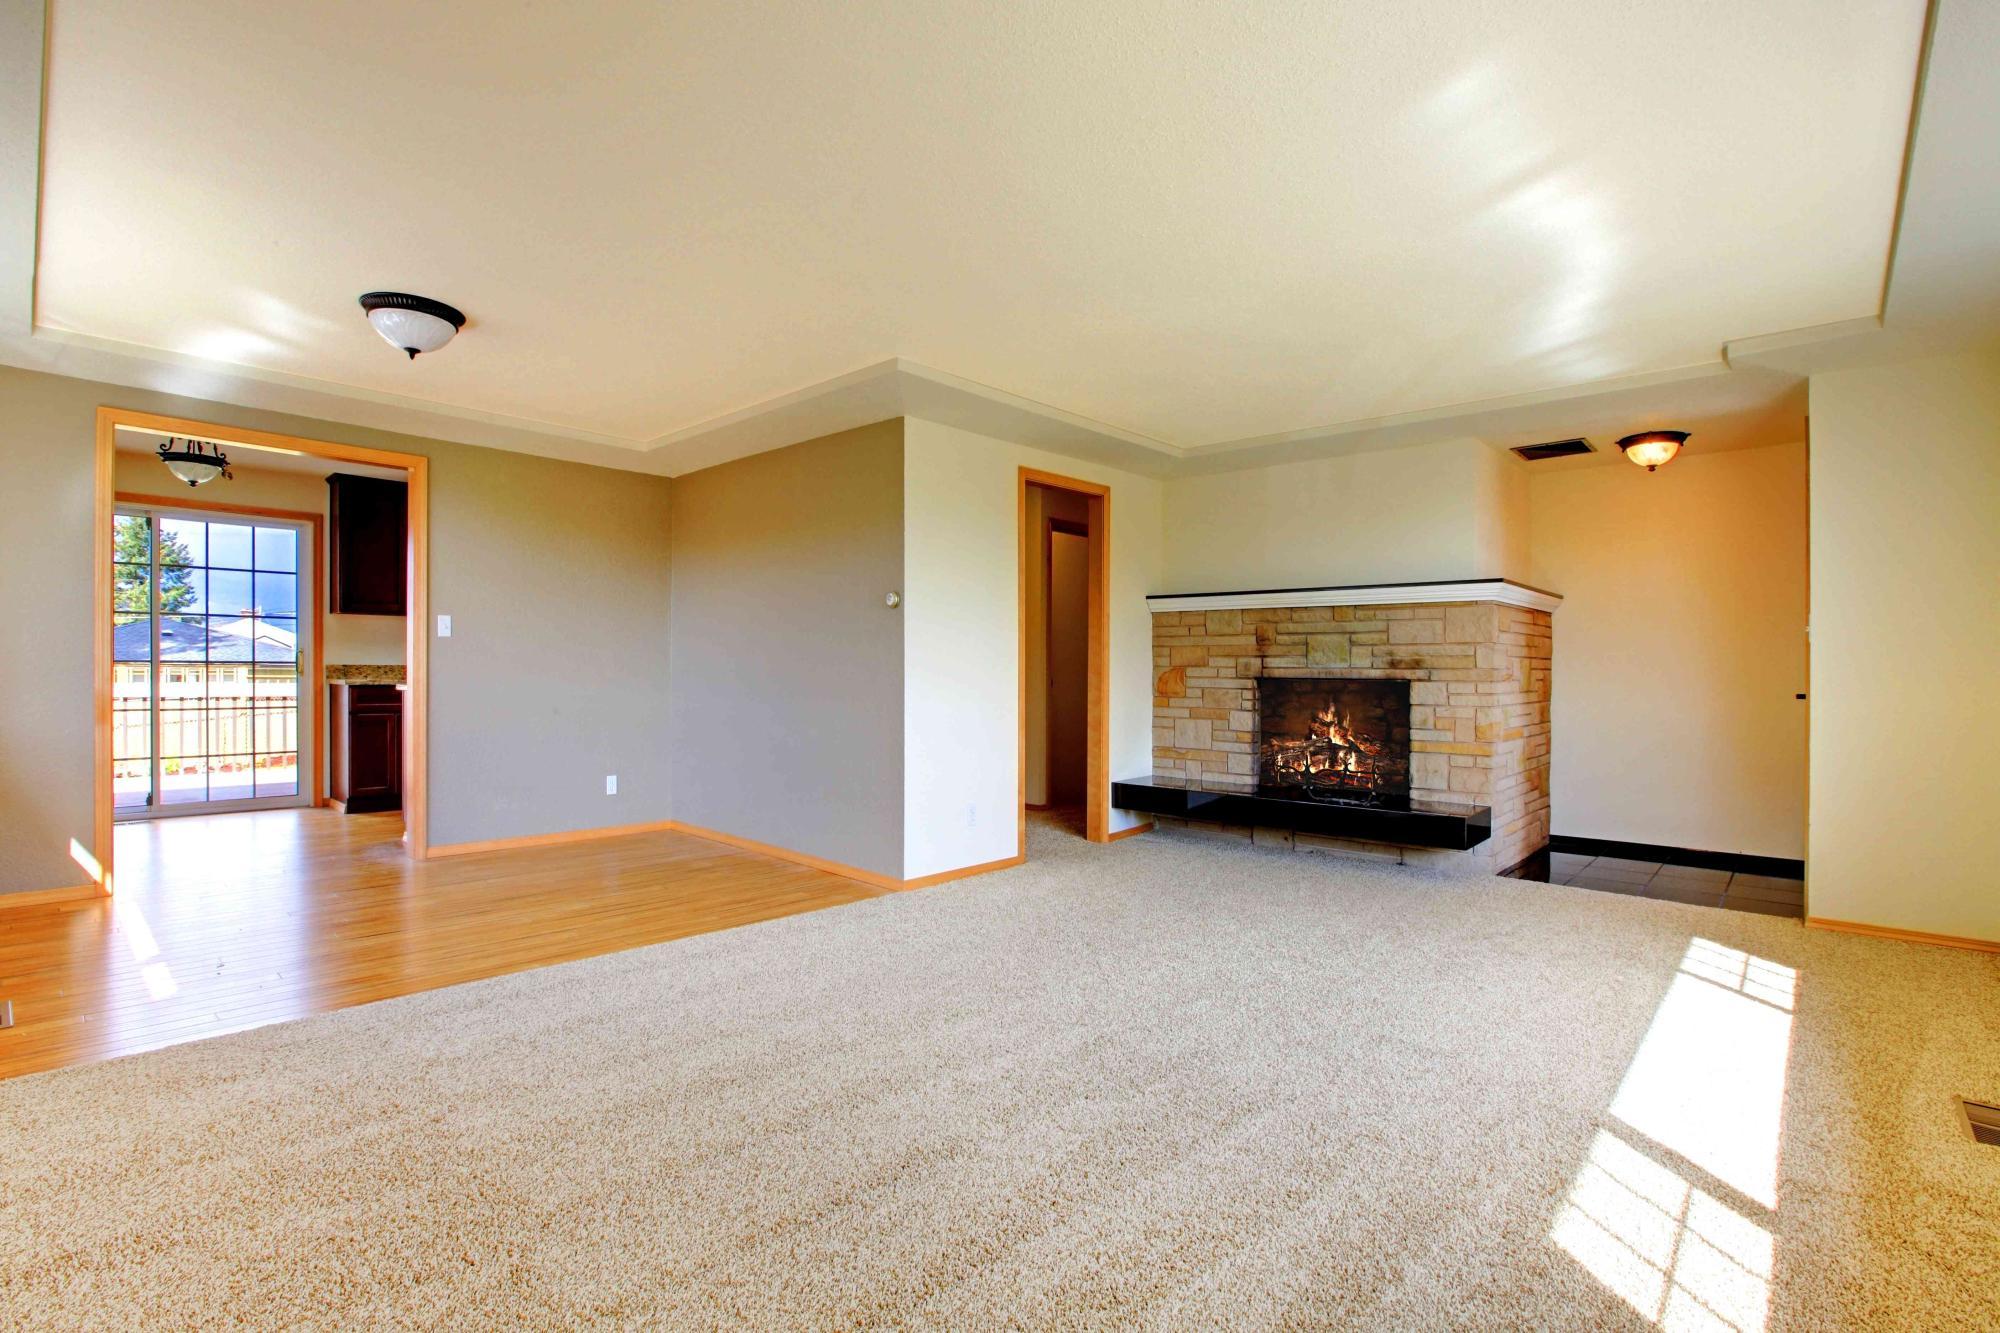 blank template. Black Bedroom Furniture Sets. Home Design Ideas